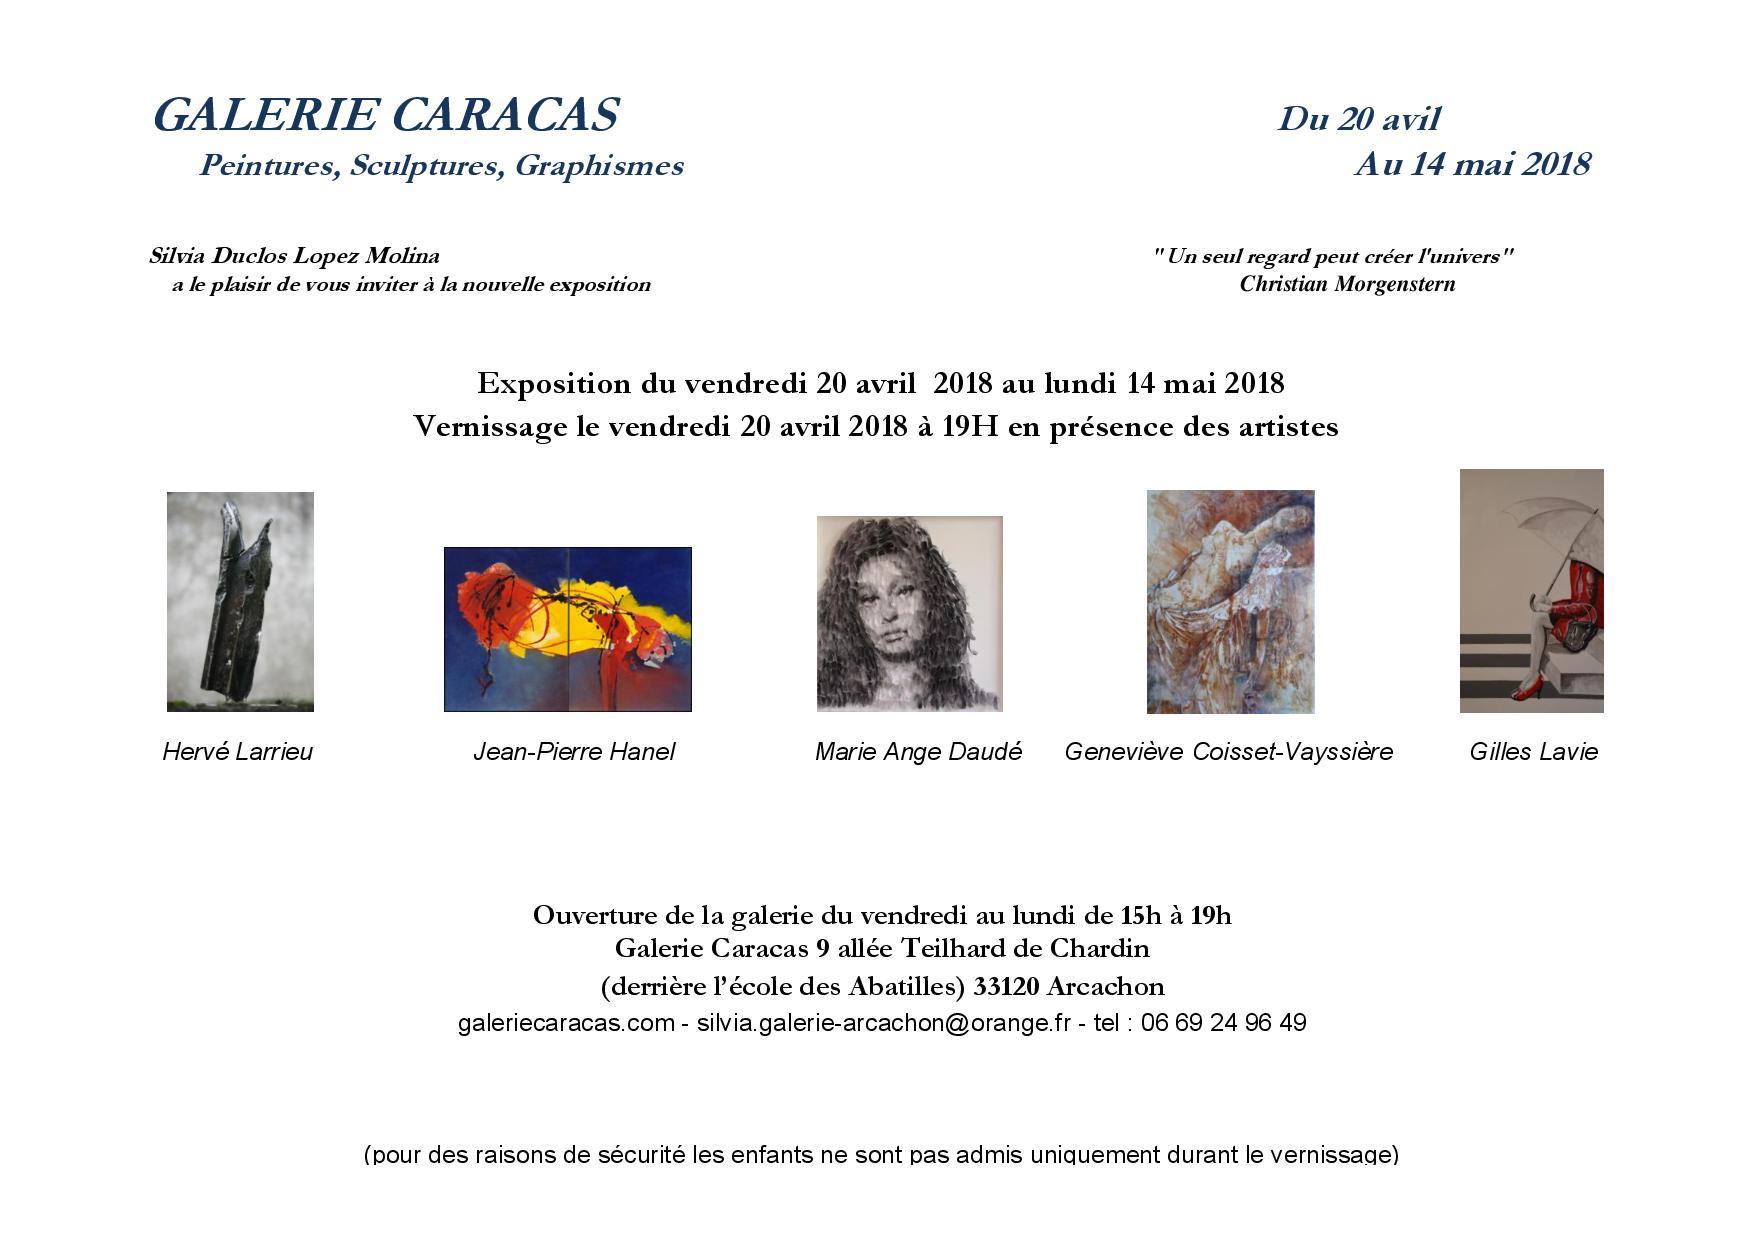 Gilles Lavie artiste peintre - Exposition Galerie CARACAS à Arcachon - du 20 avril au 14 mai 2018